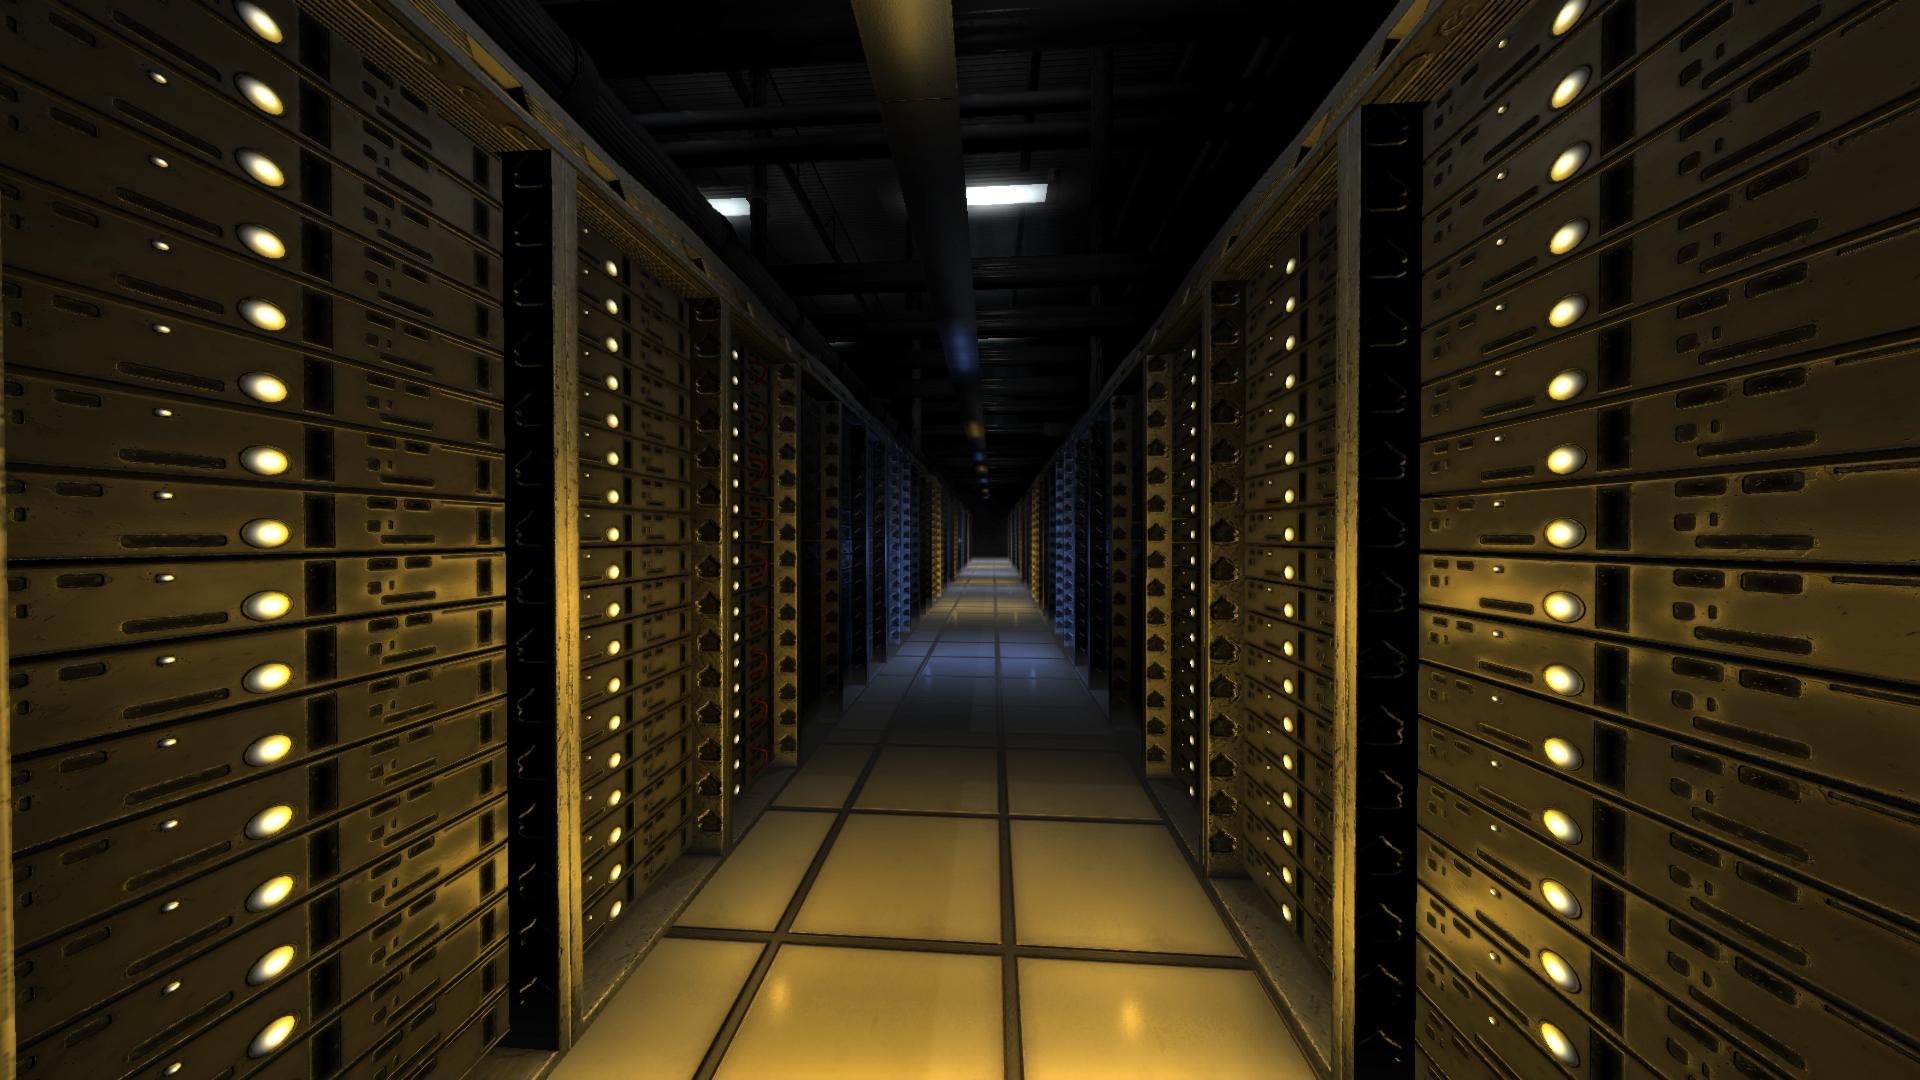 [Image: Pir_ServerRoom1.png]